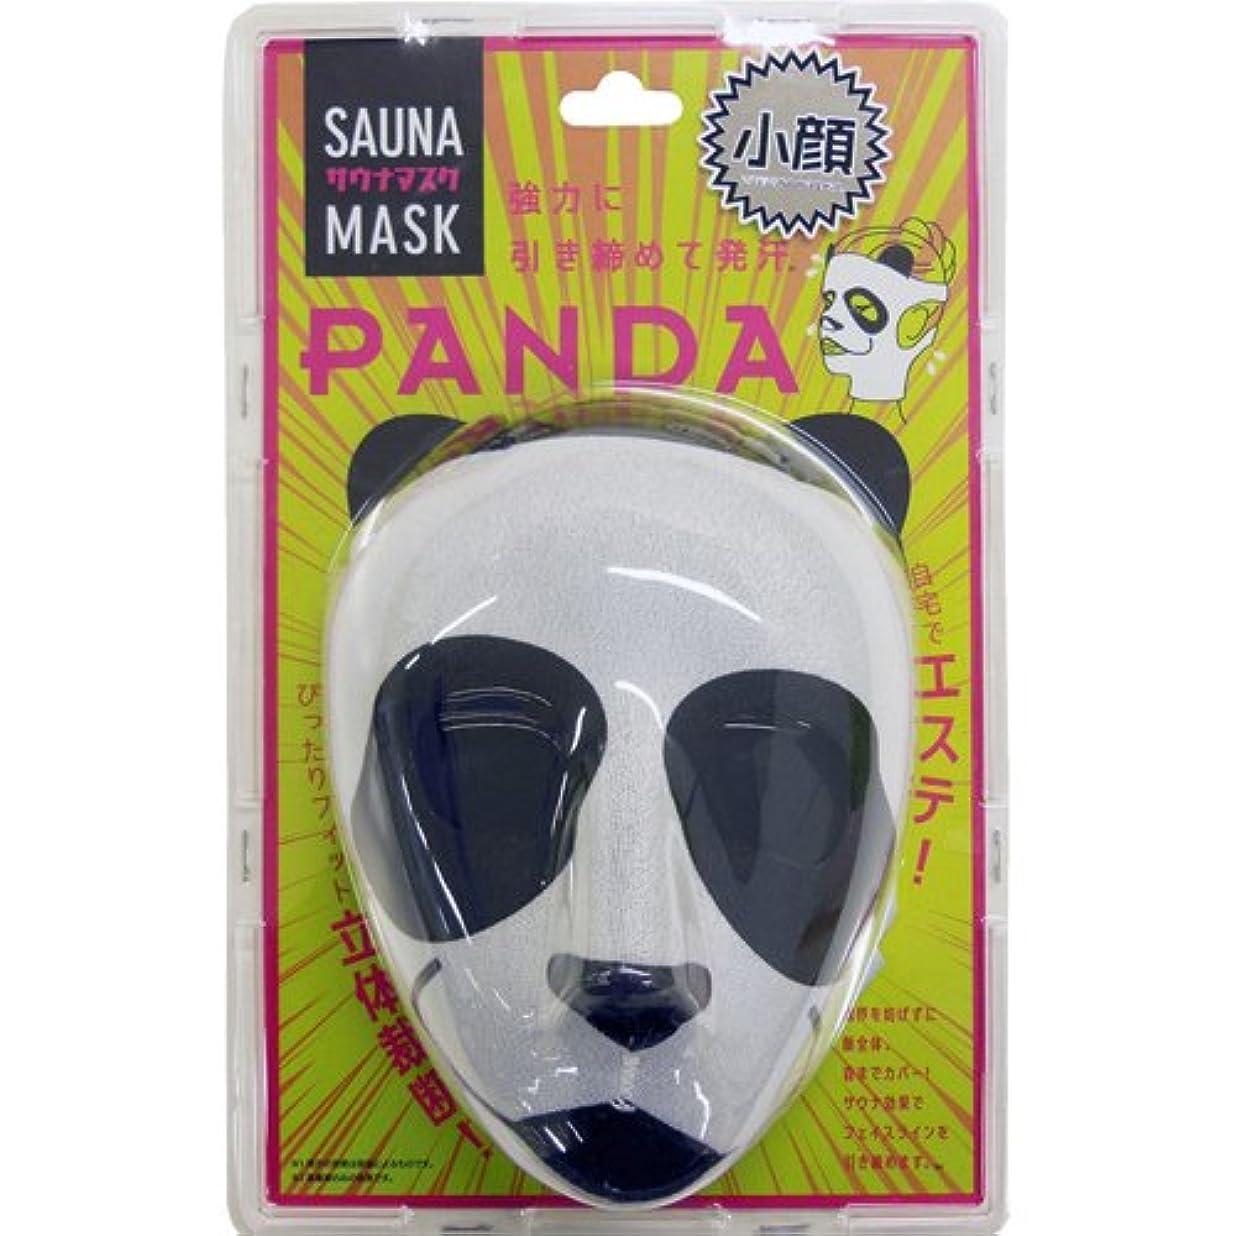 バルーン病居眠りするコジット サウナマスク PANDA (1個)